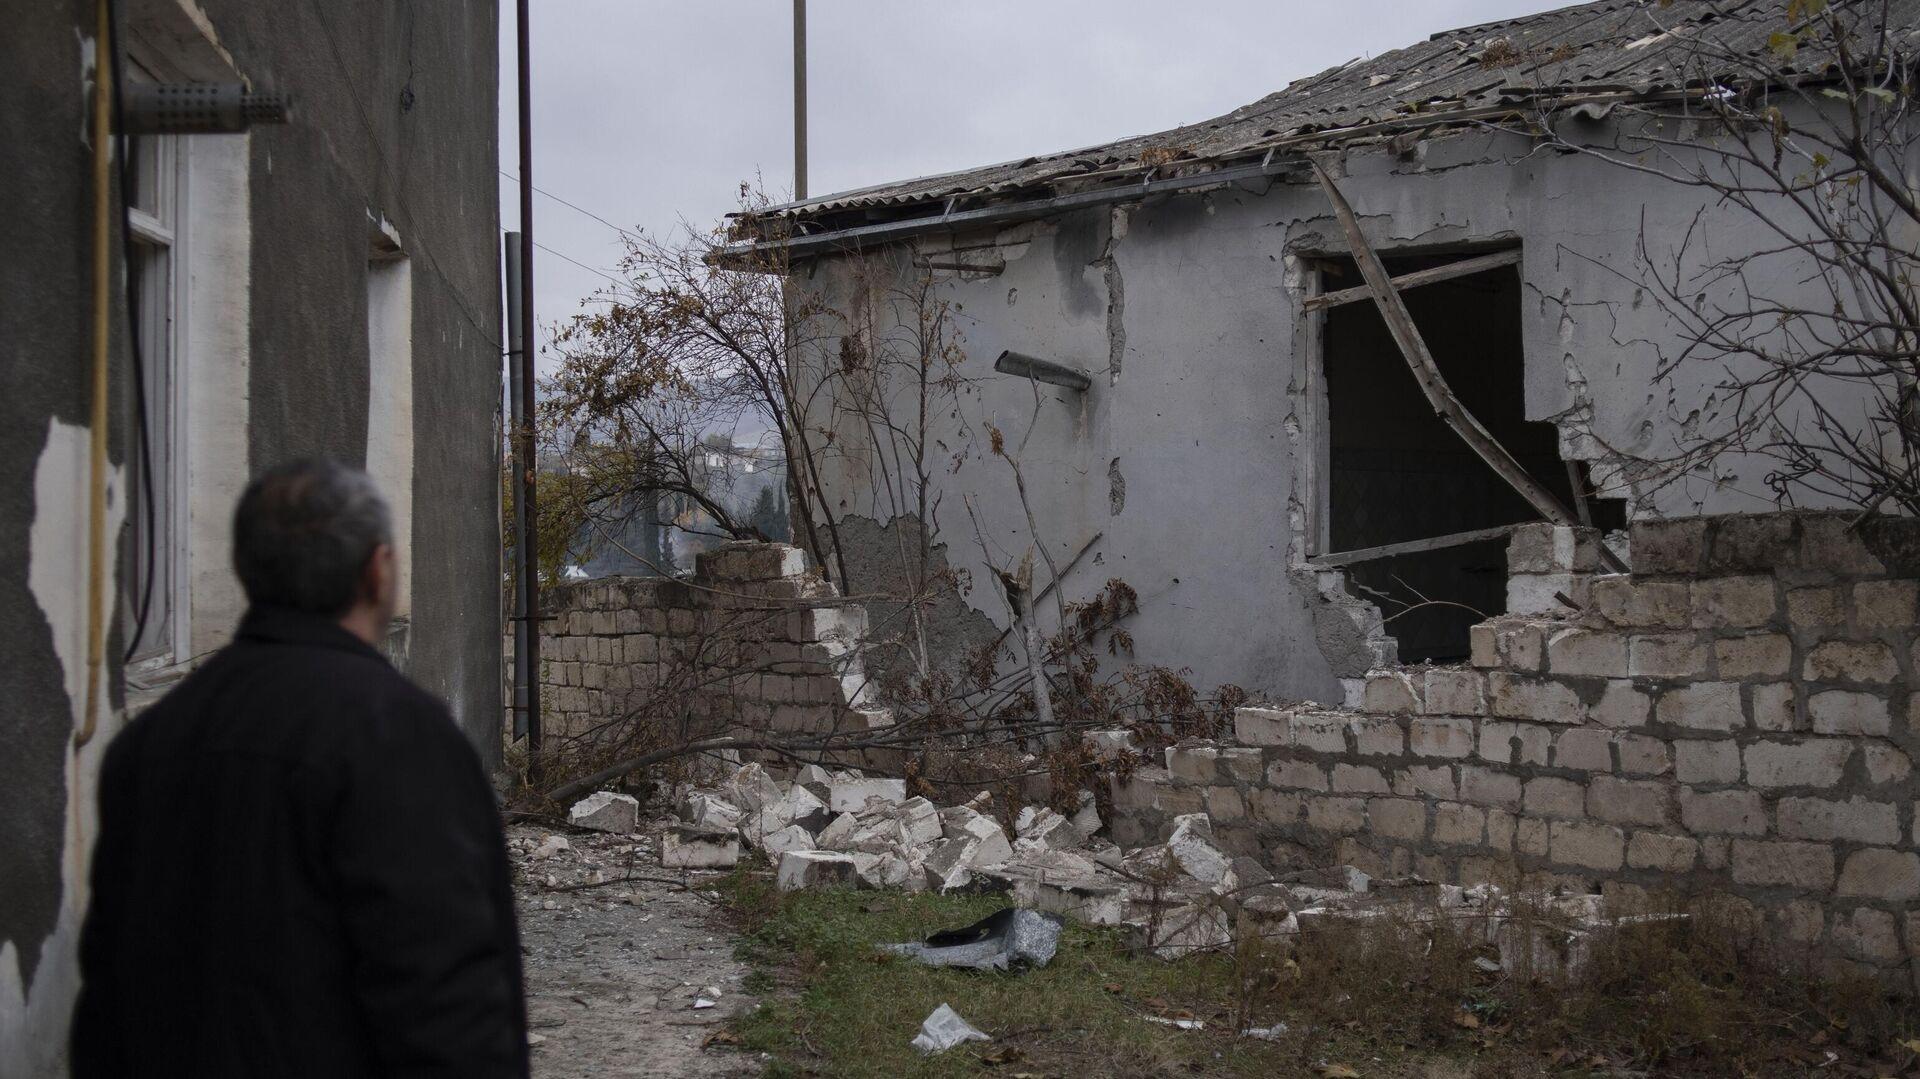 Мужчина возле частично разрушенного дома в Мартакерте - РИА Новости, 1920, 23.11.2020